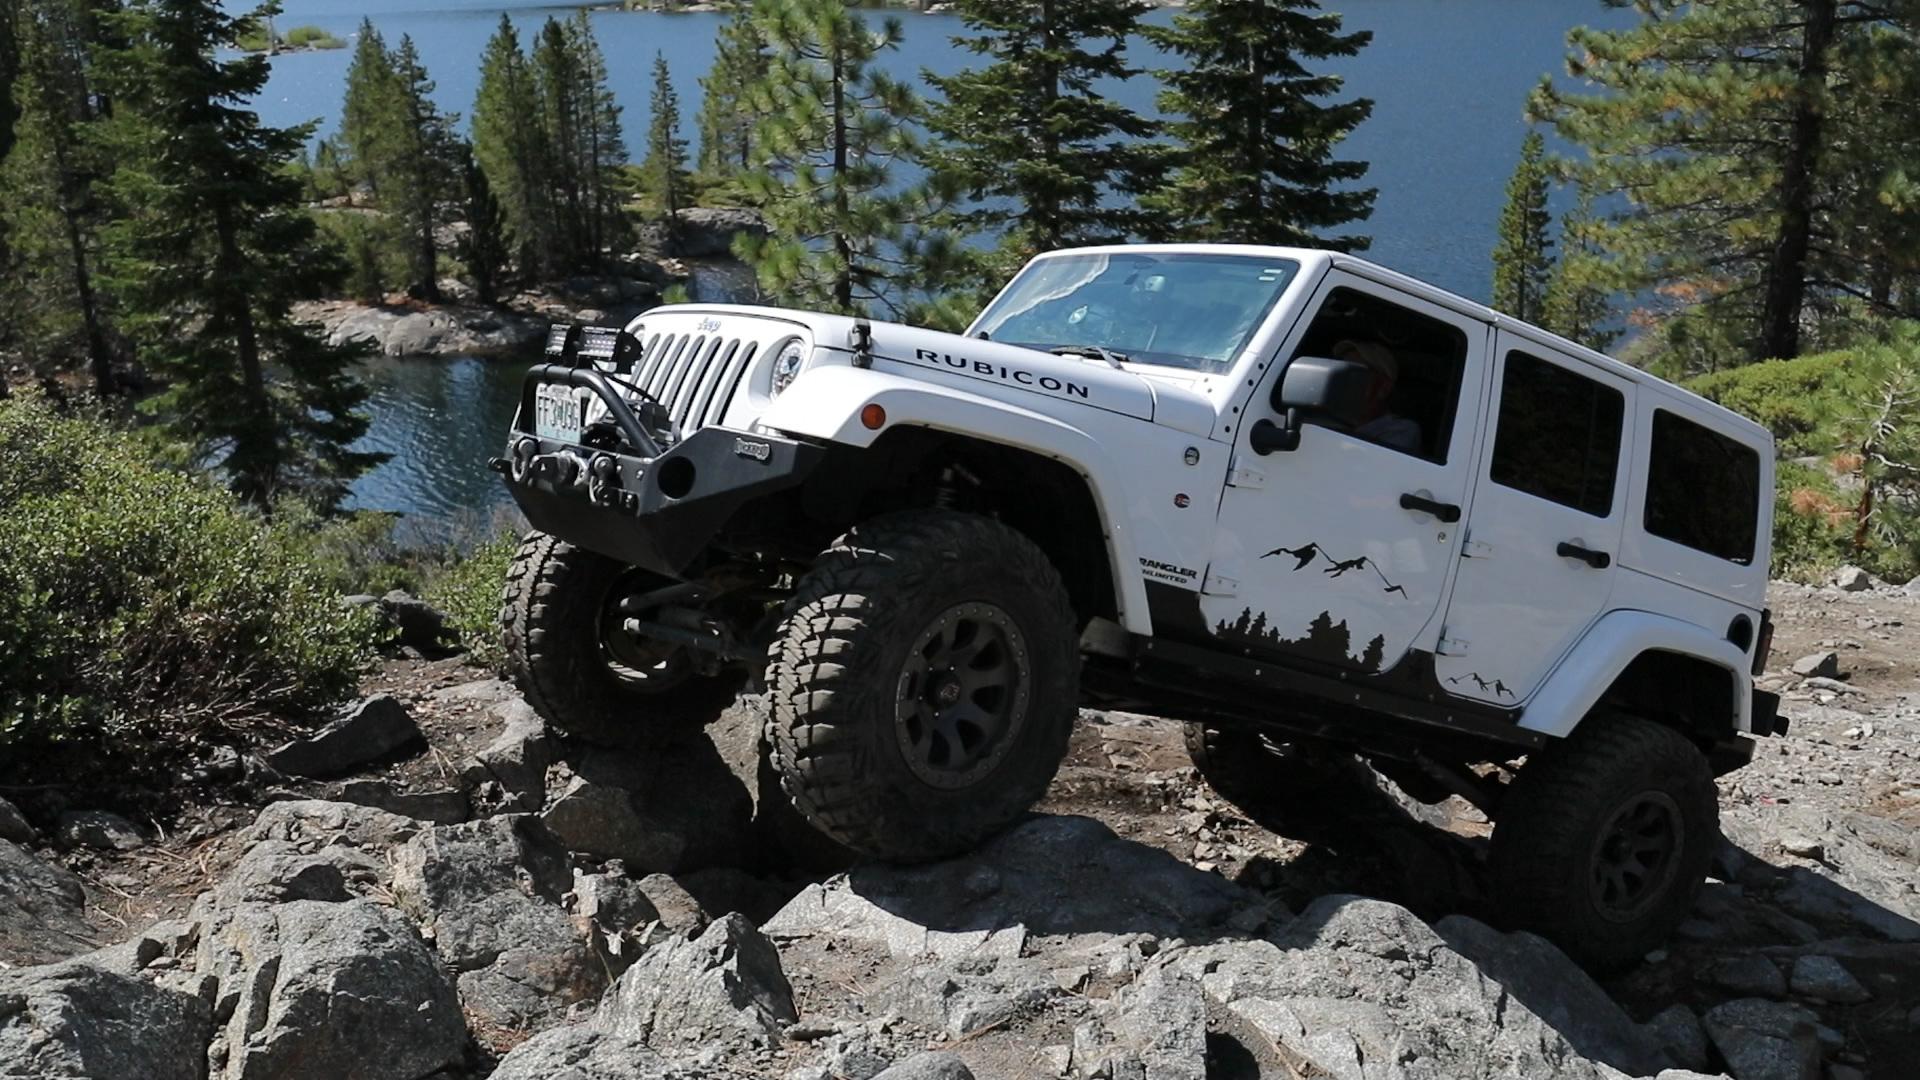 Rubicon White Jeep by lake.jpg